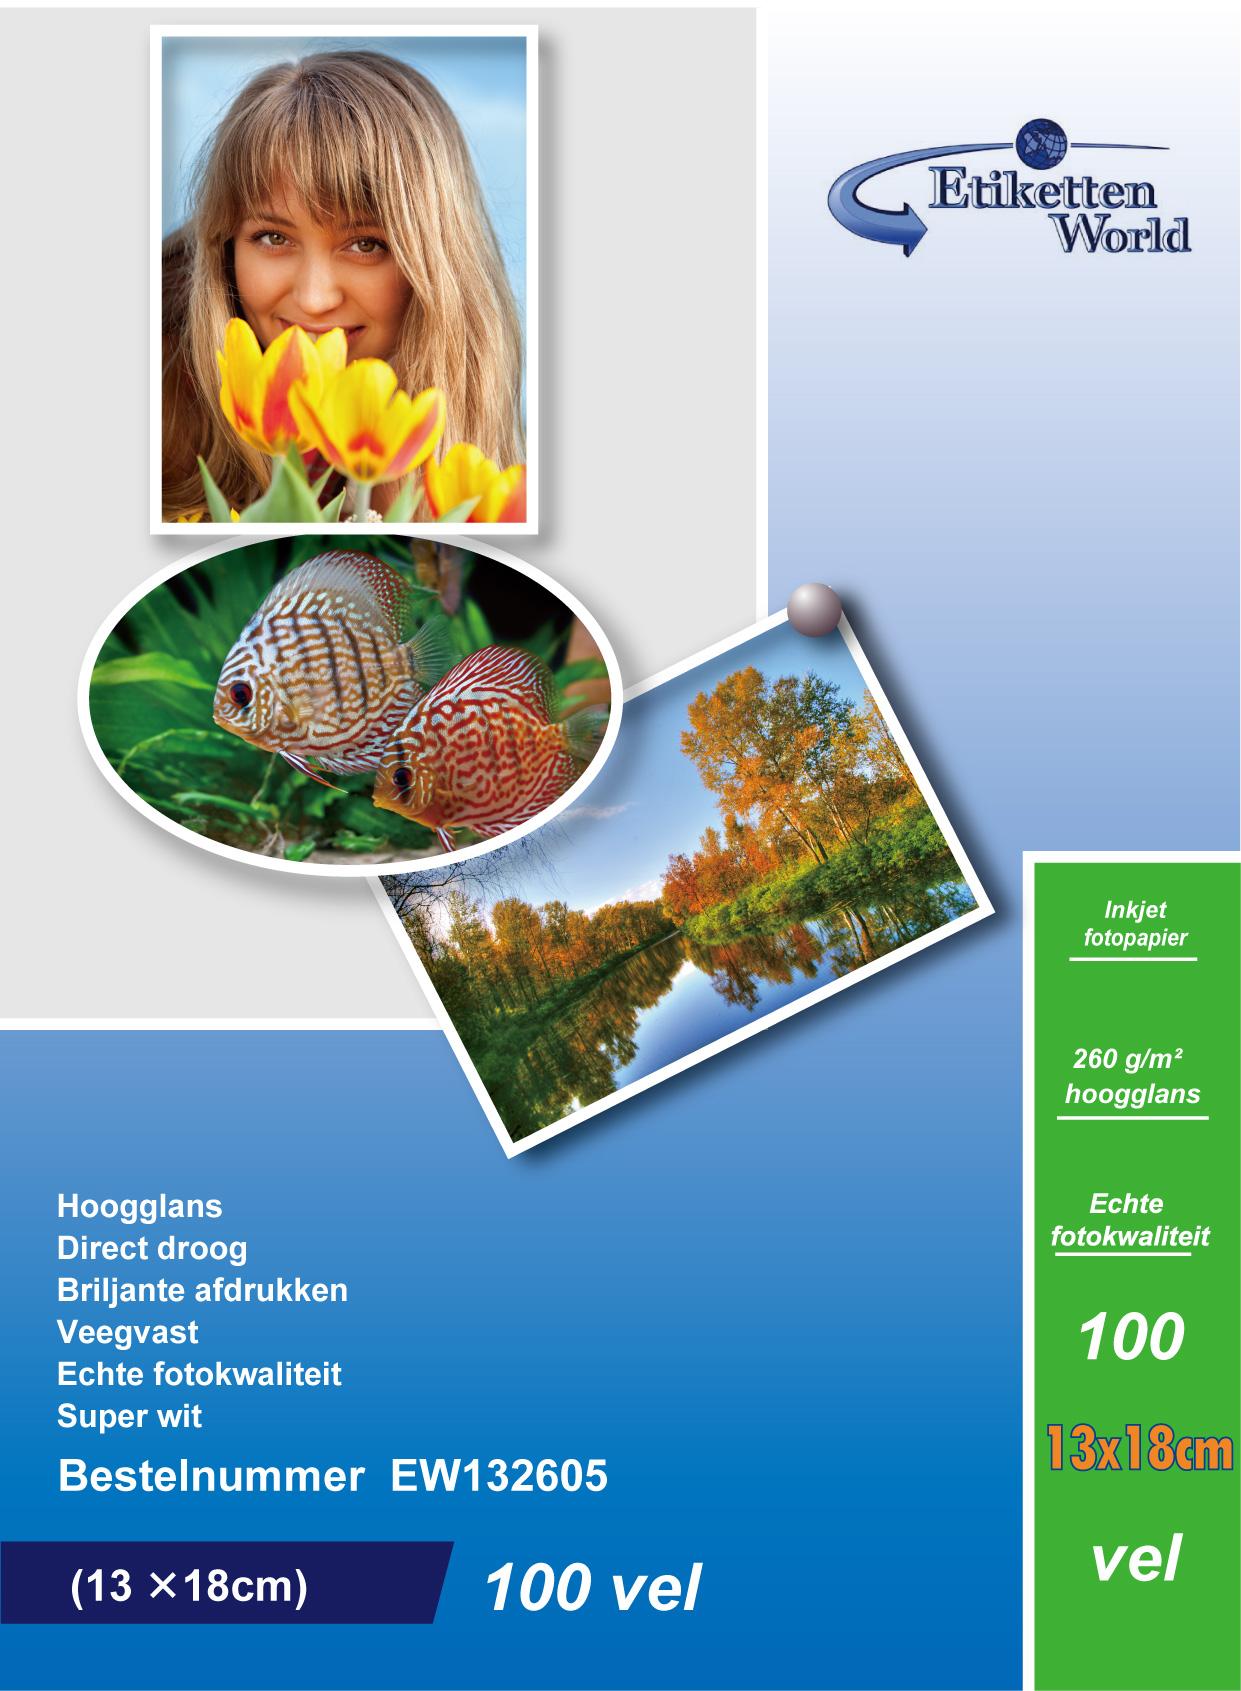 EtikettenWorld BV Fotopapier 13x18 260g/qm High Glossy und wasserfest